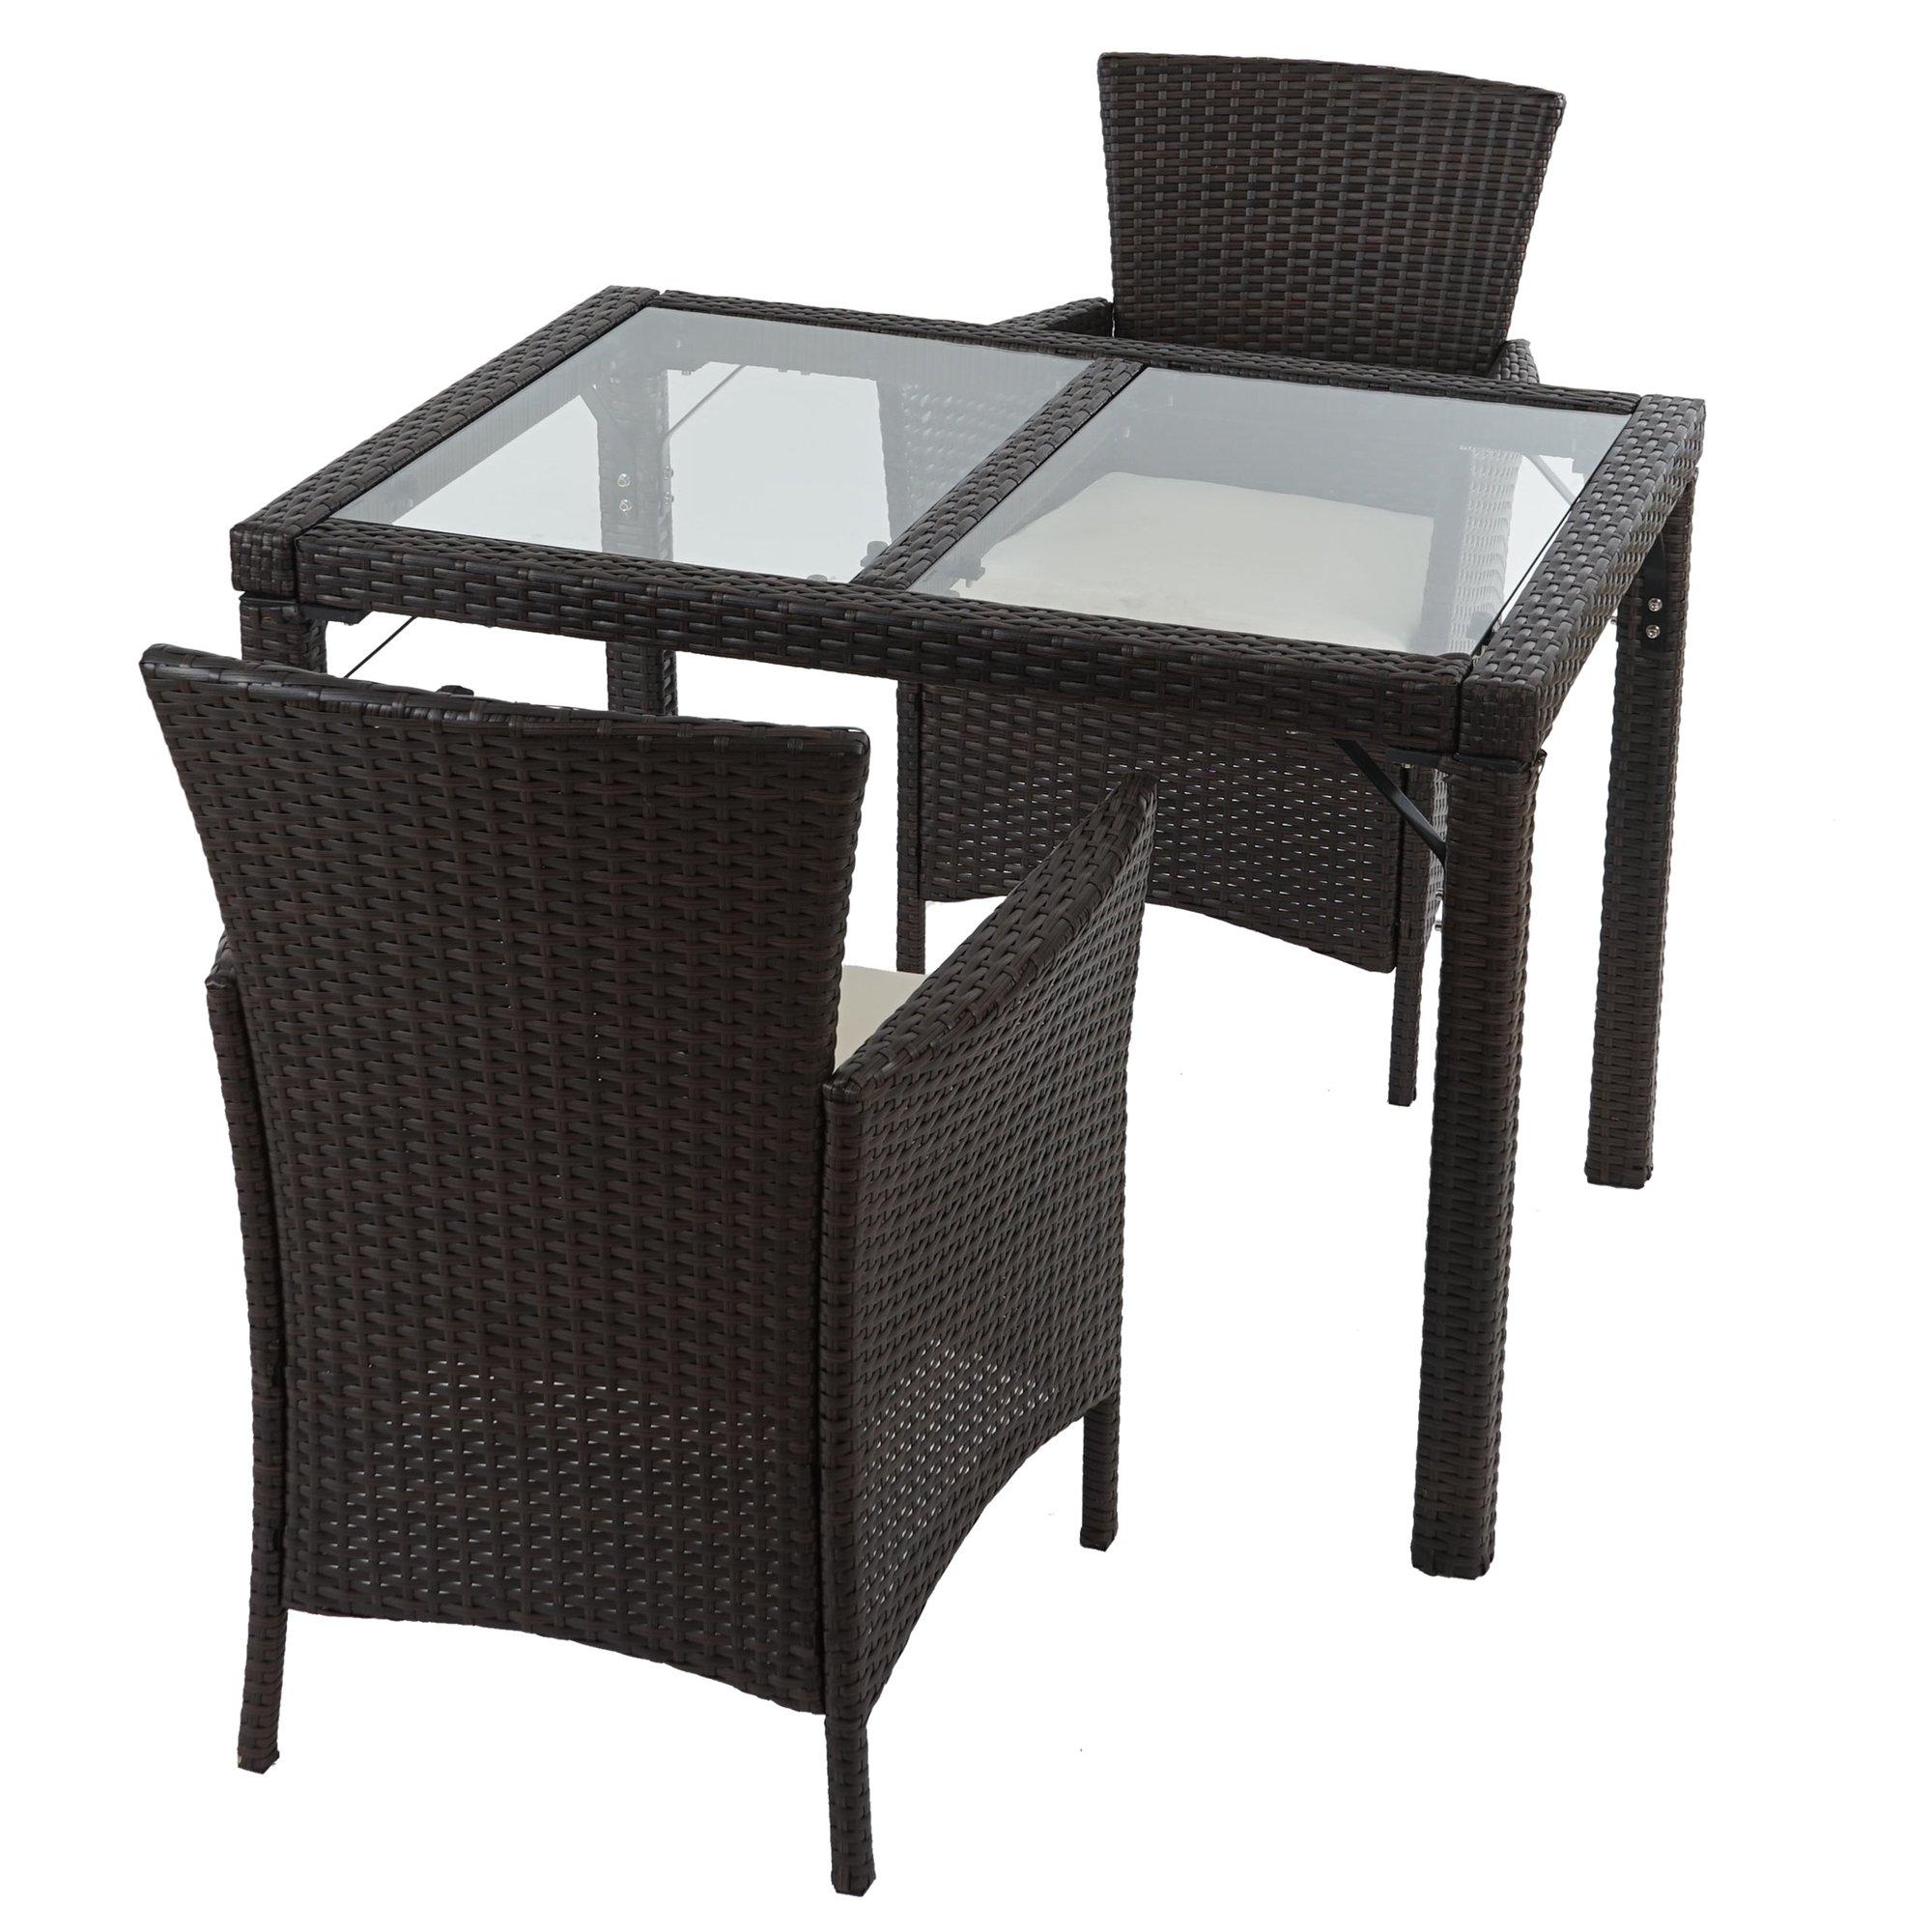 Poly muebles de jard n de rat n romv 2 sillas mesa de for Muebles de aluminio para jardin